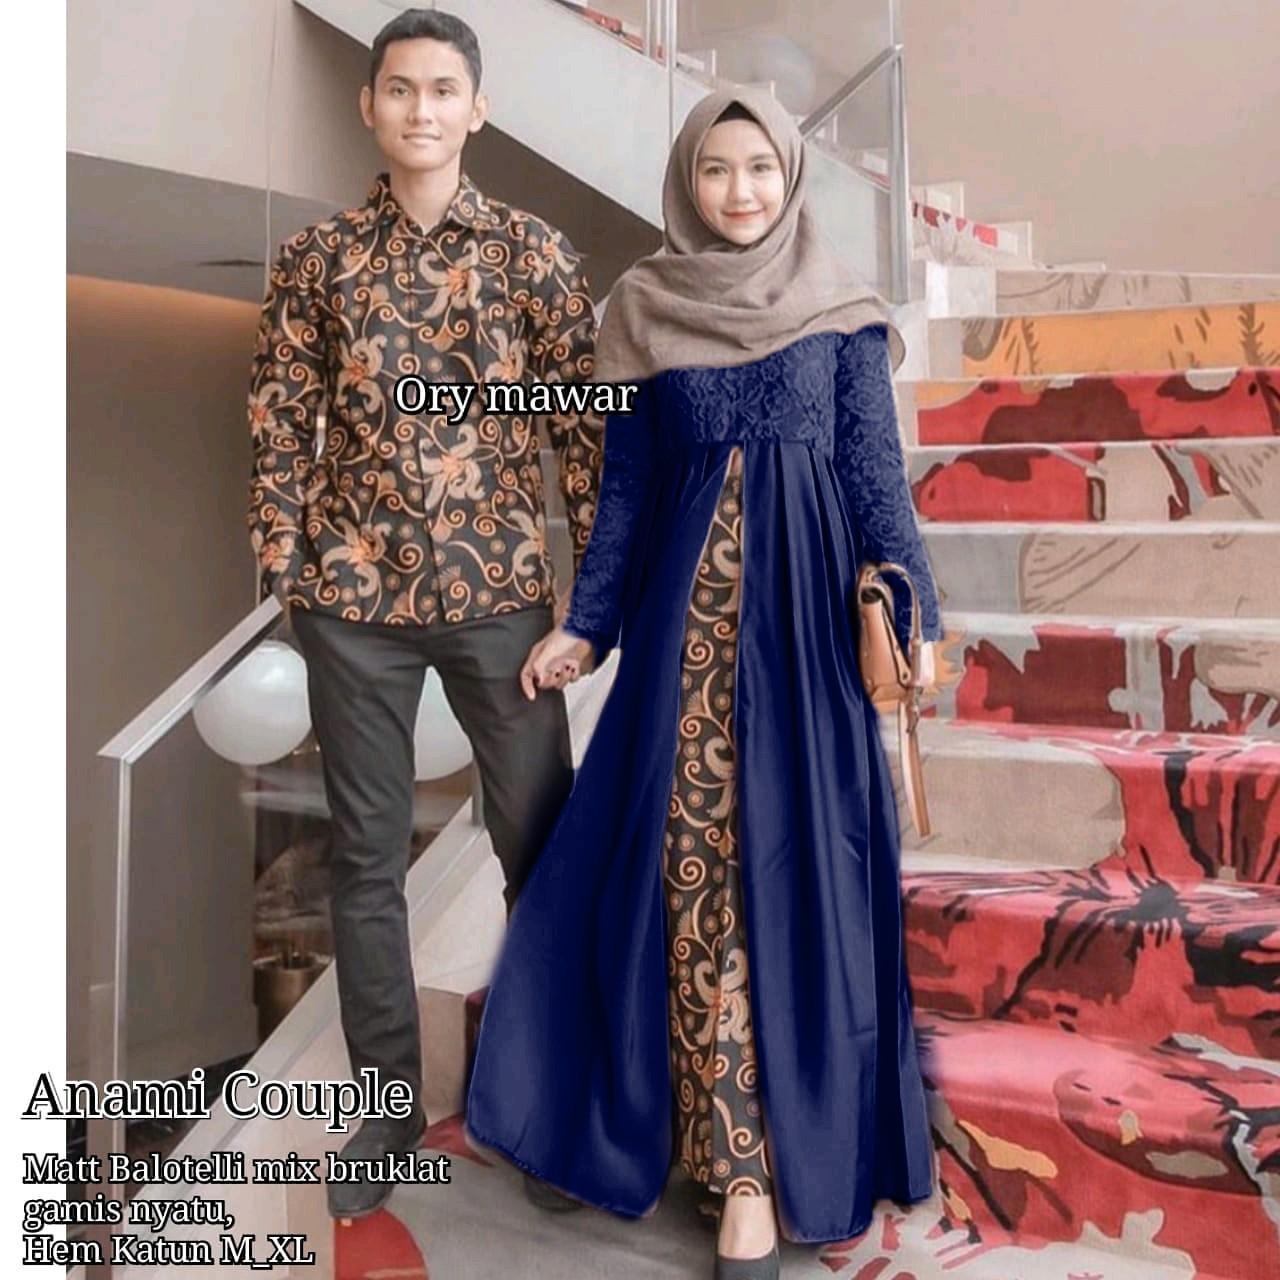 TERMURAH - Batik Couple / Couple Batik / Baju Muslim Wanita Terbaru 2018 / Batik Murah / Batik Sari